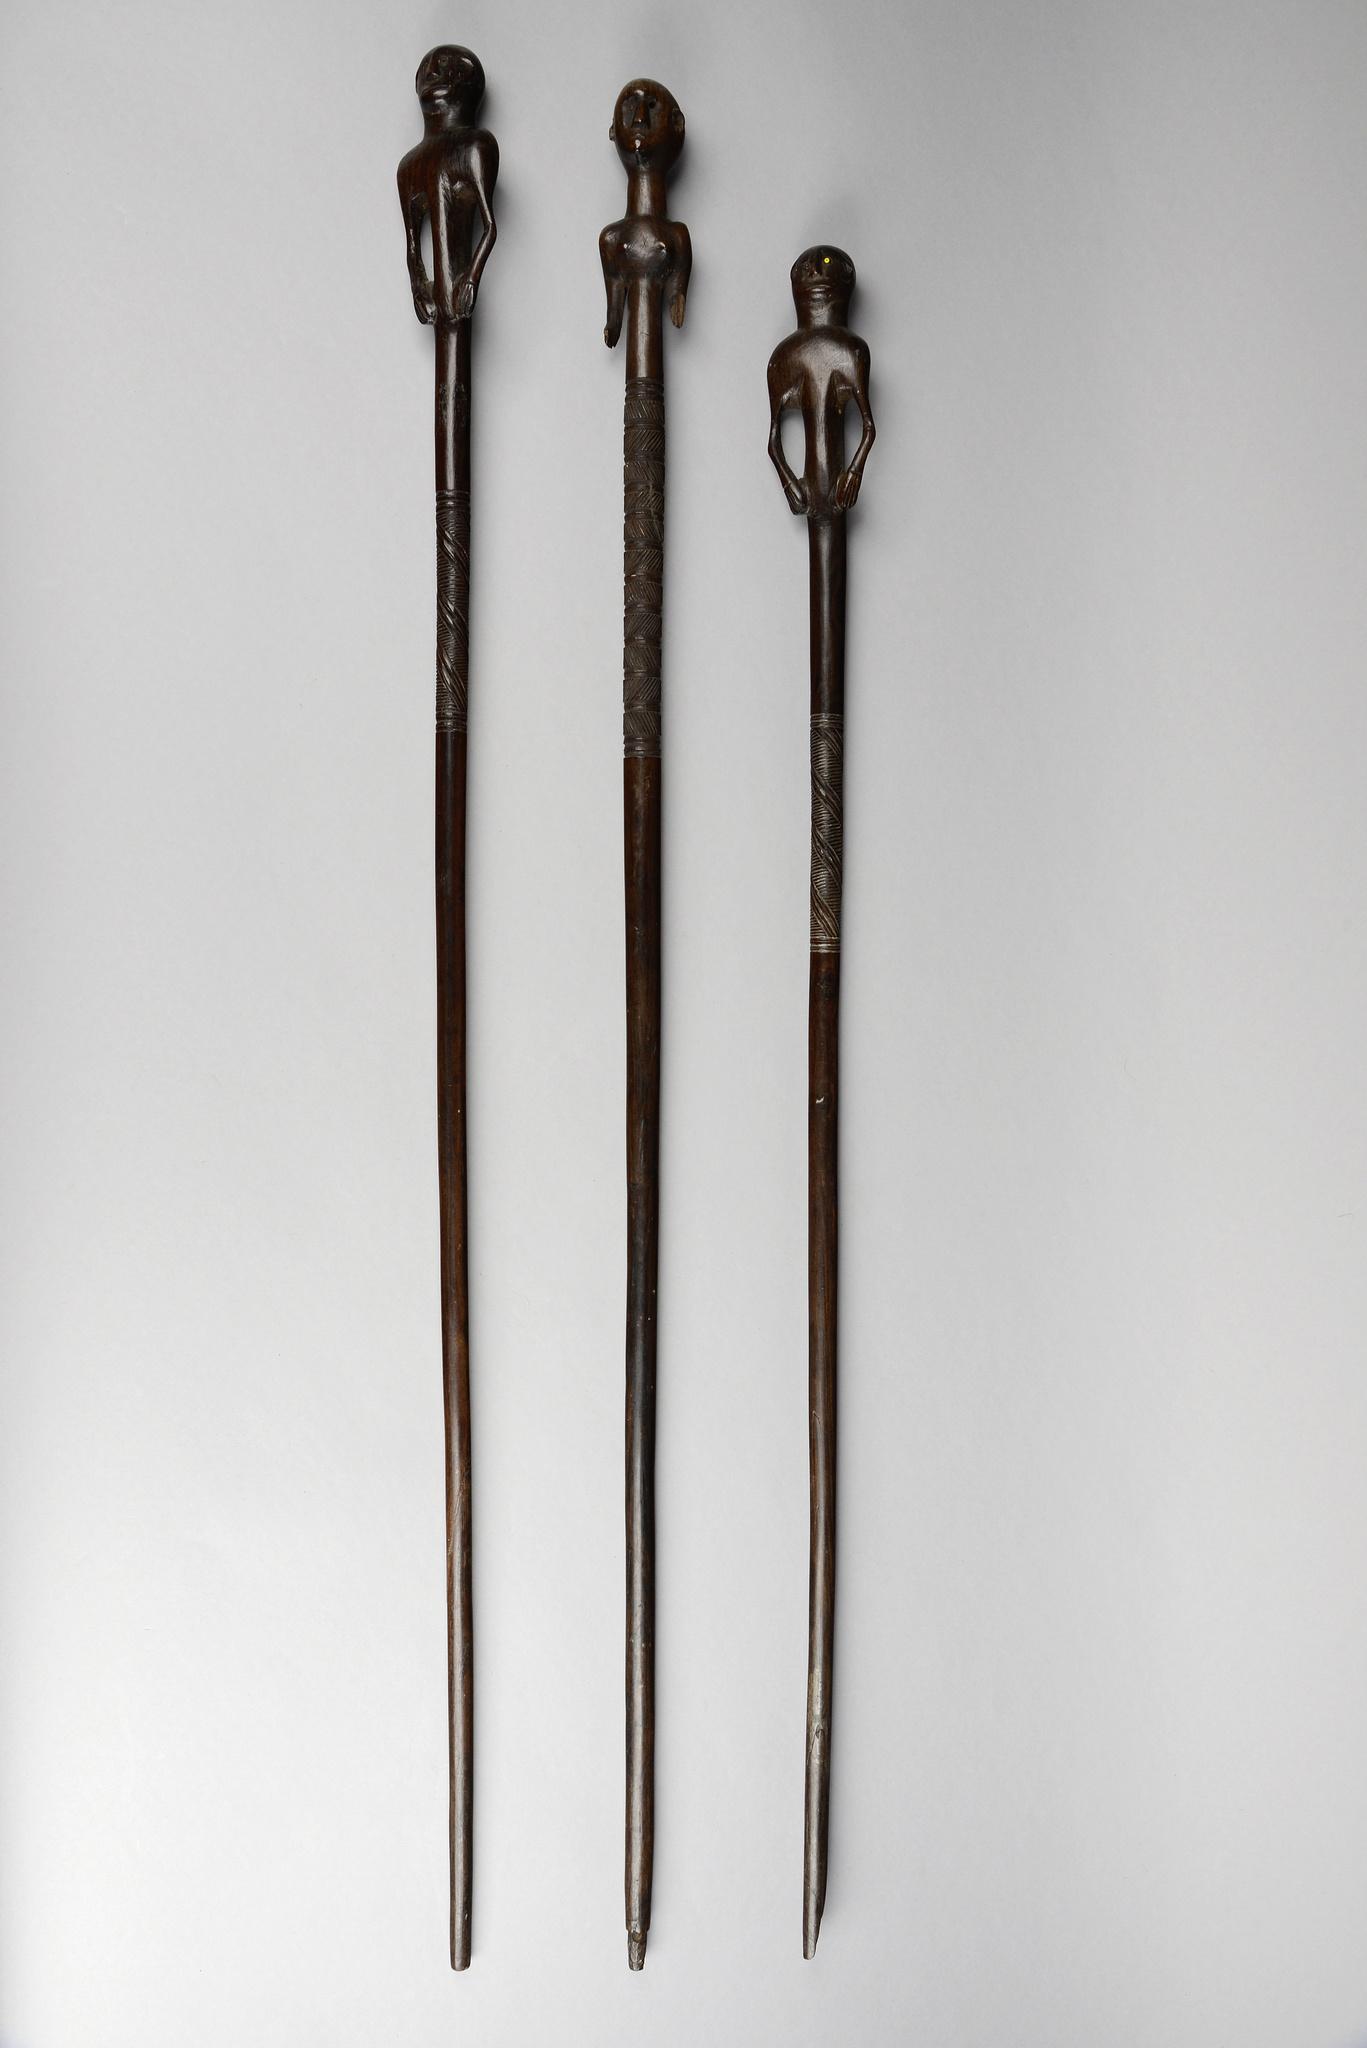 Three figural carved staffs